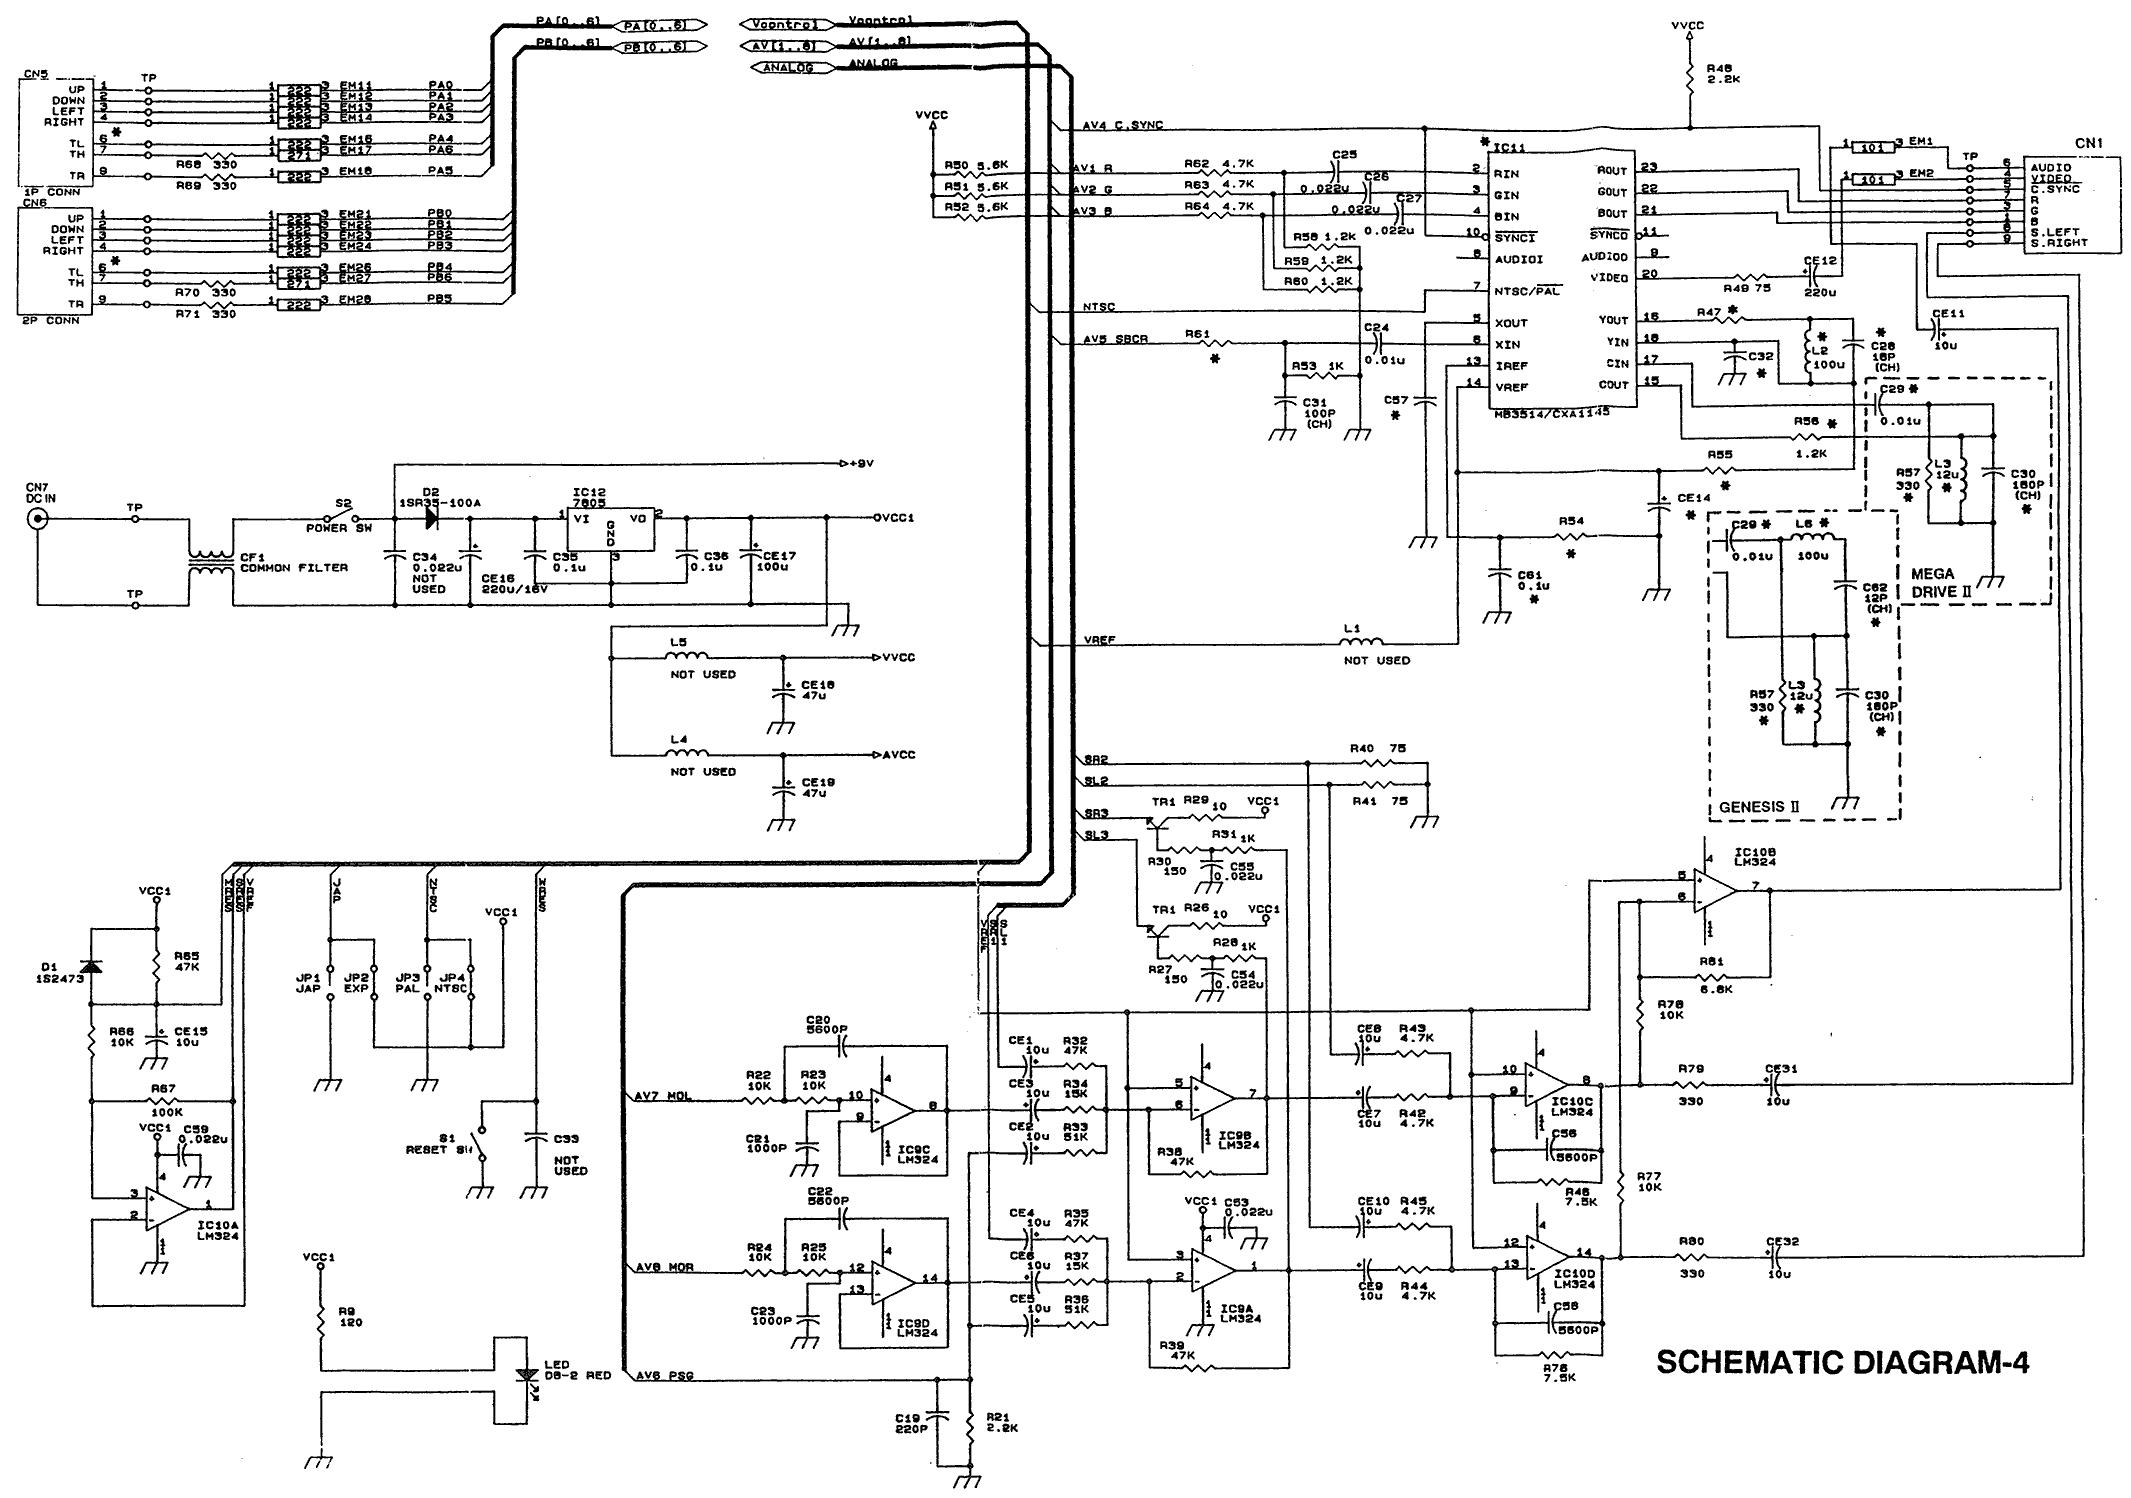 Schematicsconsole Related Schematics Nfg Games Gamesx Genesis House Wiring Diagram Genesis2 Md2 Schematic 4 Of